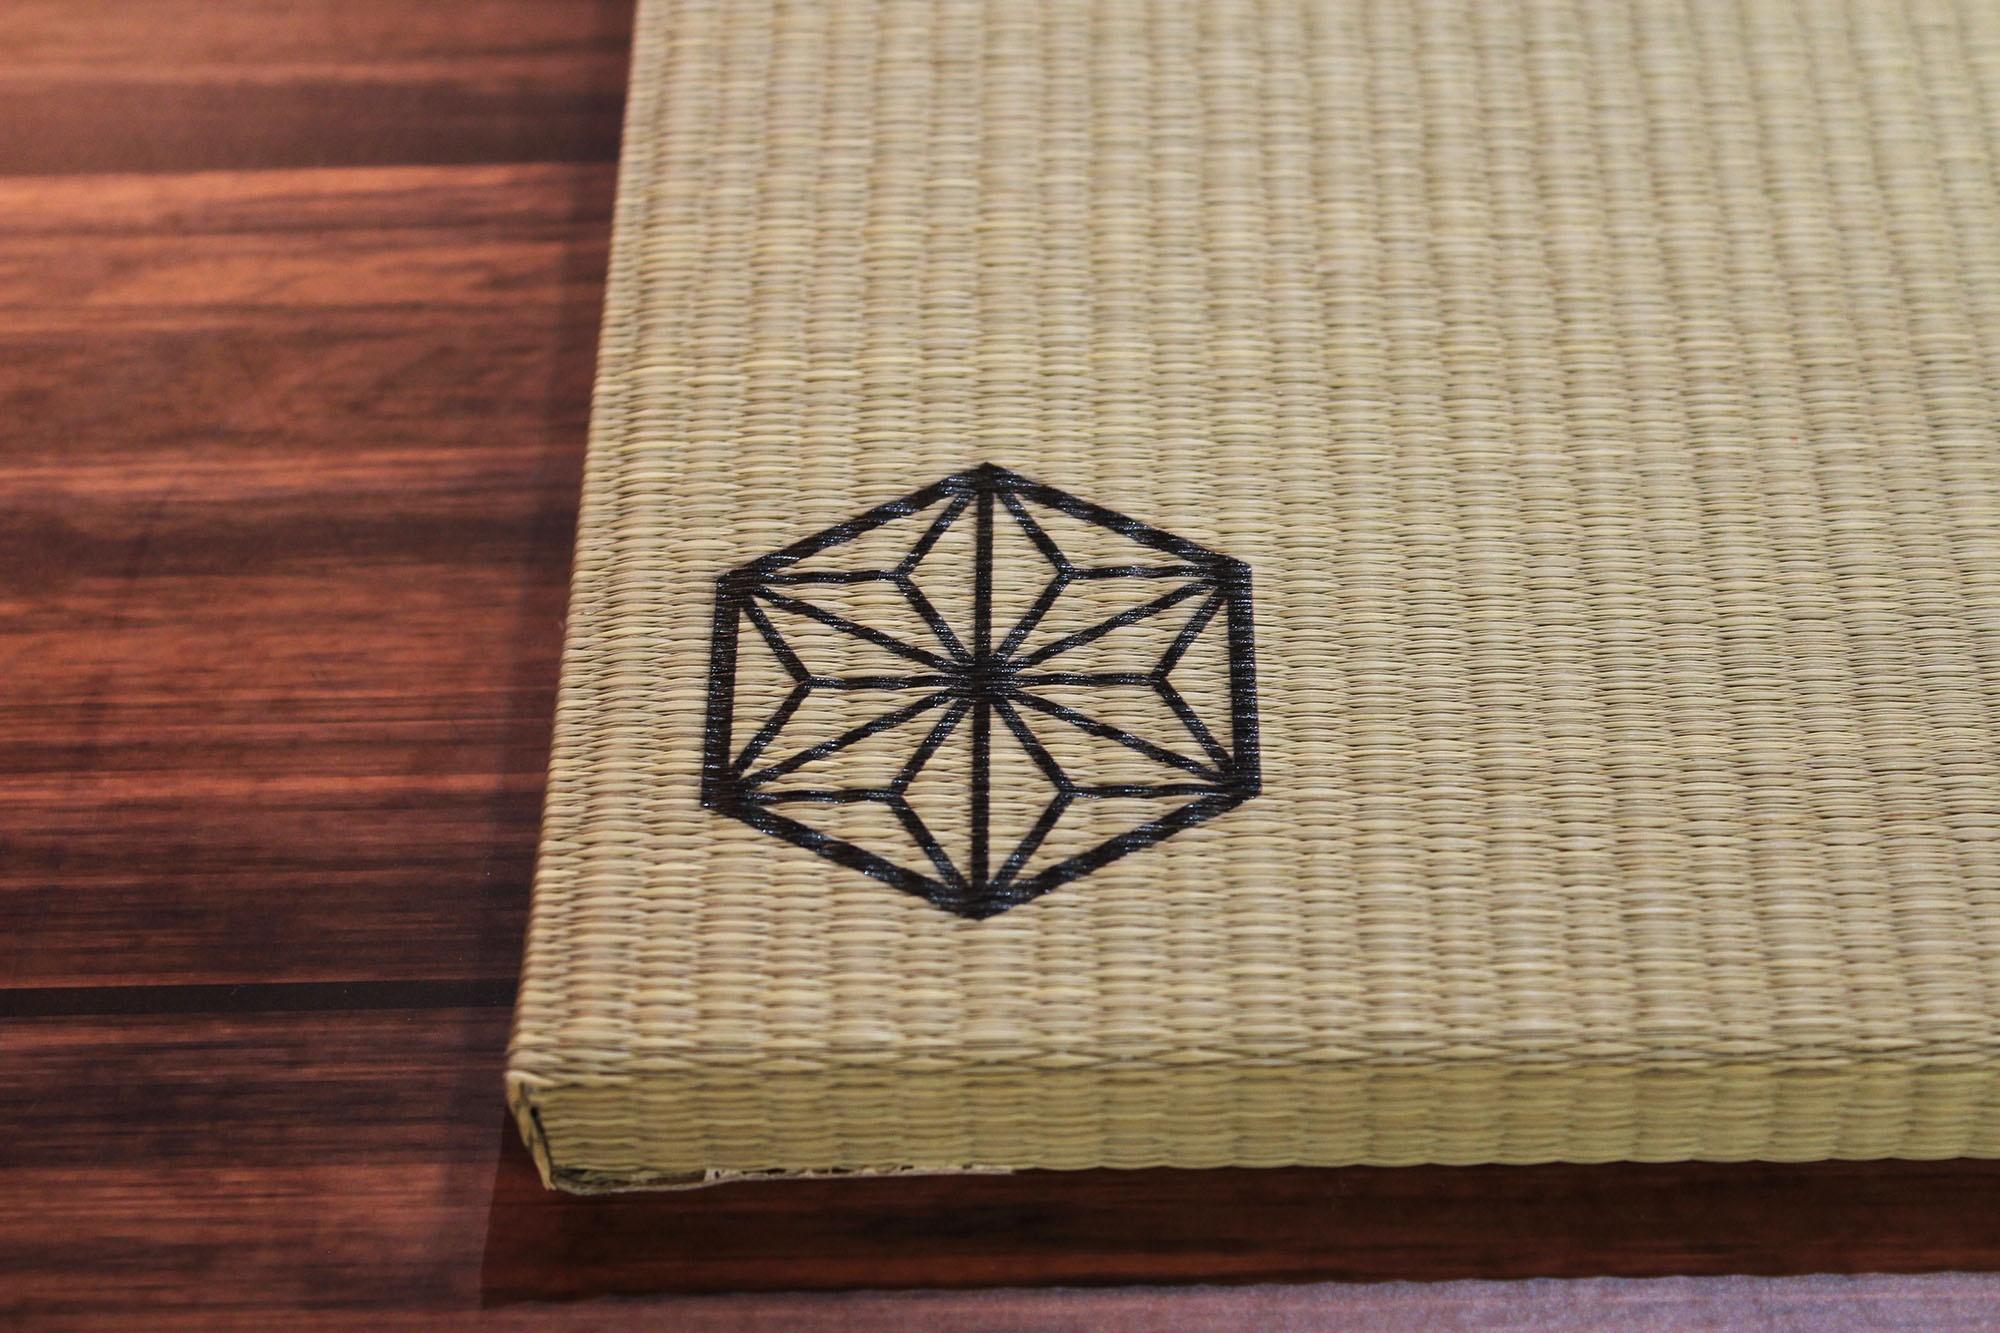 TATAMI (Grass mat)